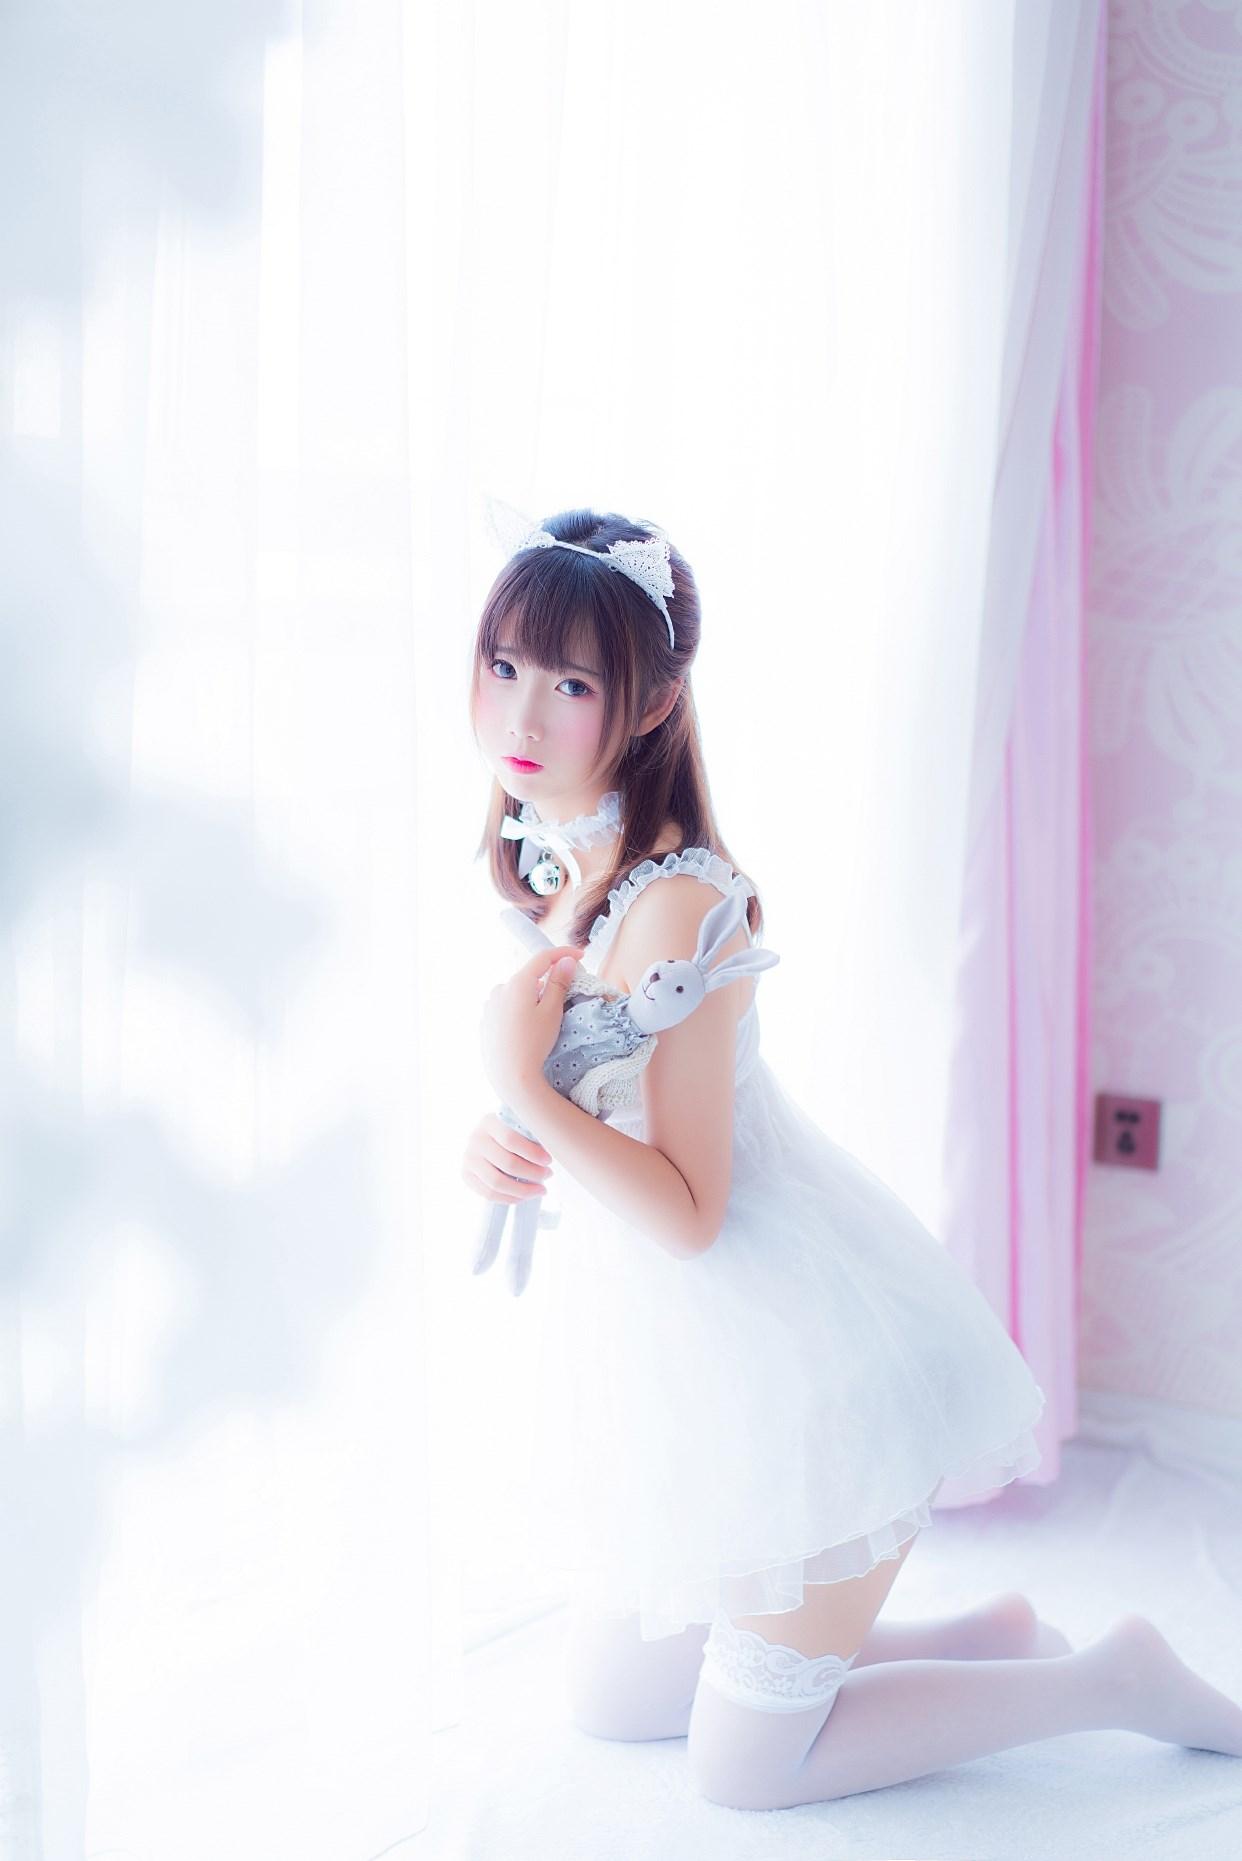 【兔玩映画】vol.12-吊带睡衣 兔玩映画 第8张